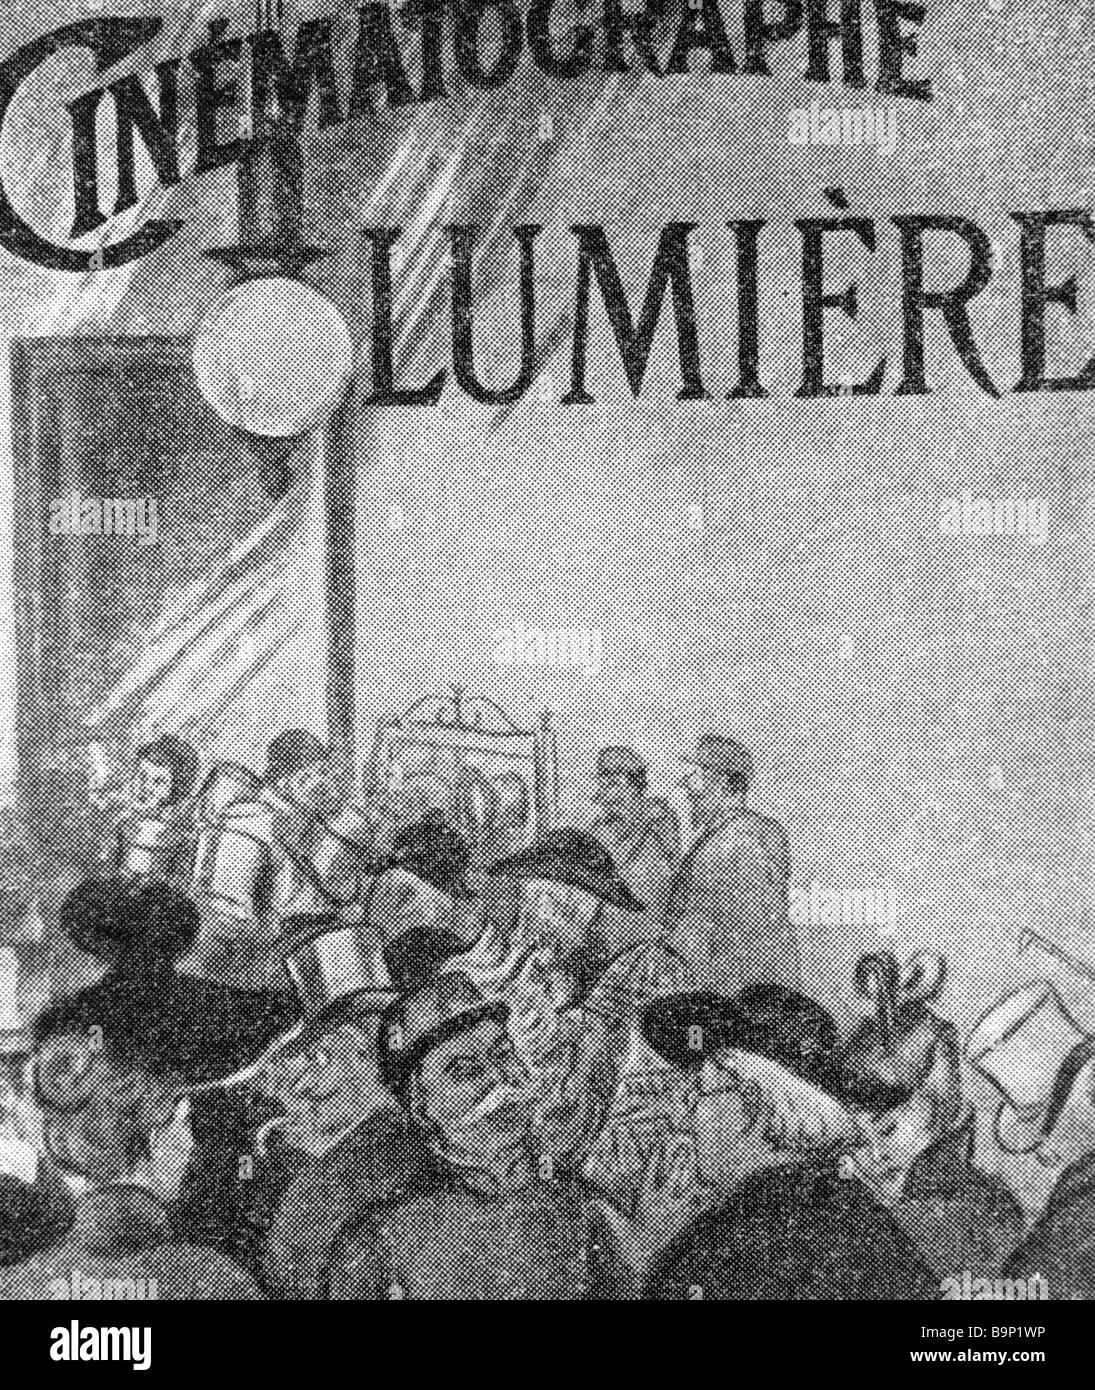 Il primo annuncio del cinematografo Lumier Immagini Stock